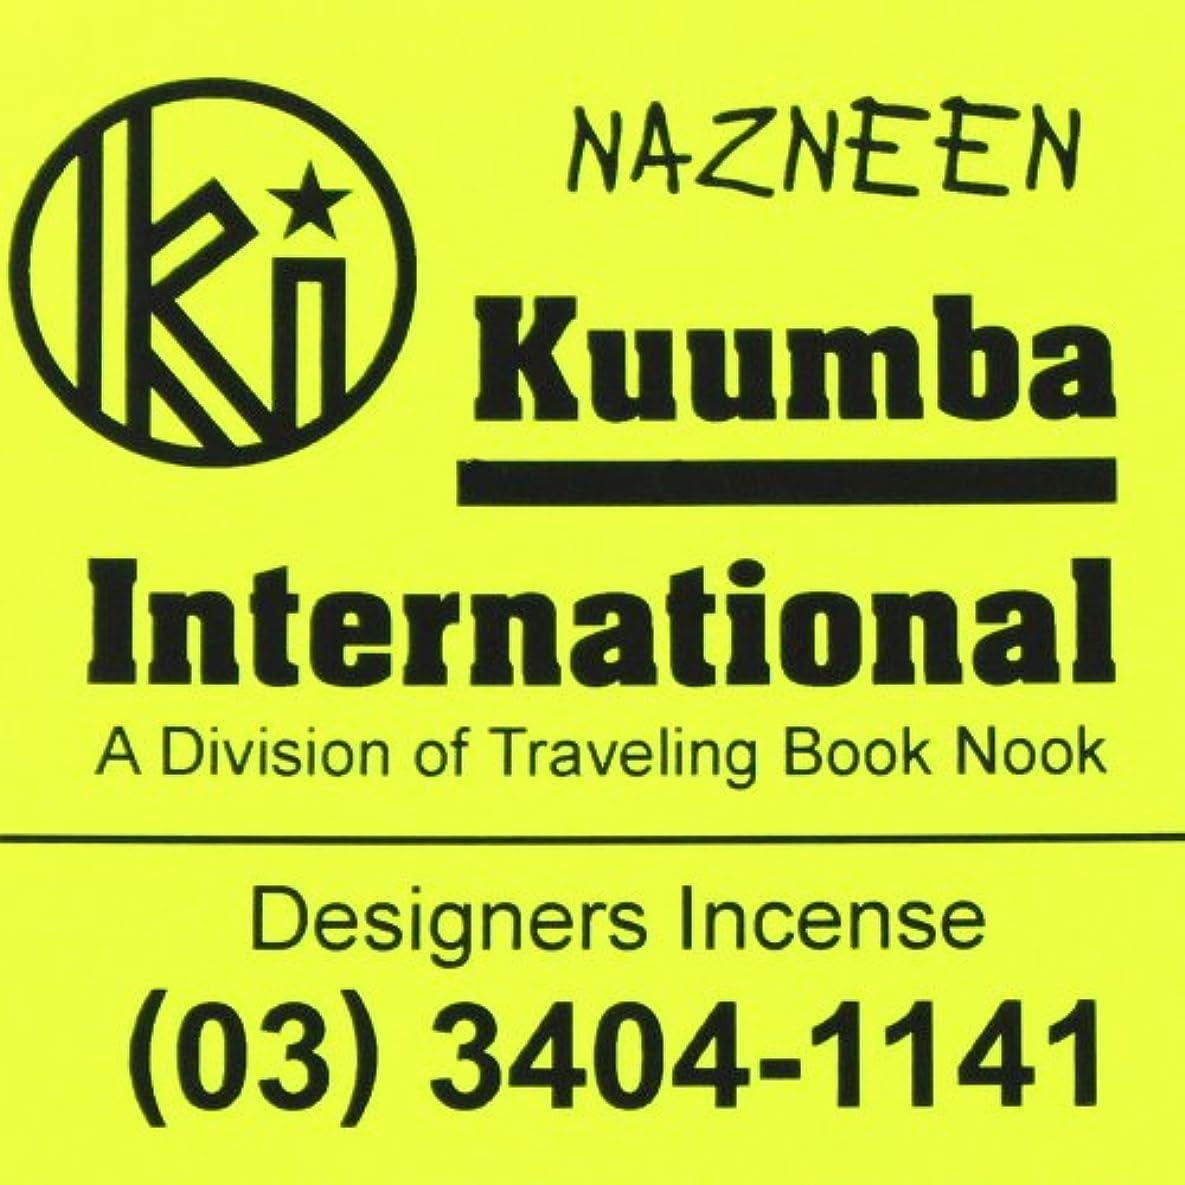 十盆特別な(クンバ) KUUMBA『classic regular incense』(NAZNEEN) (Regular size)